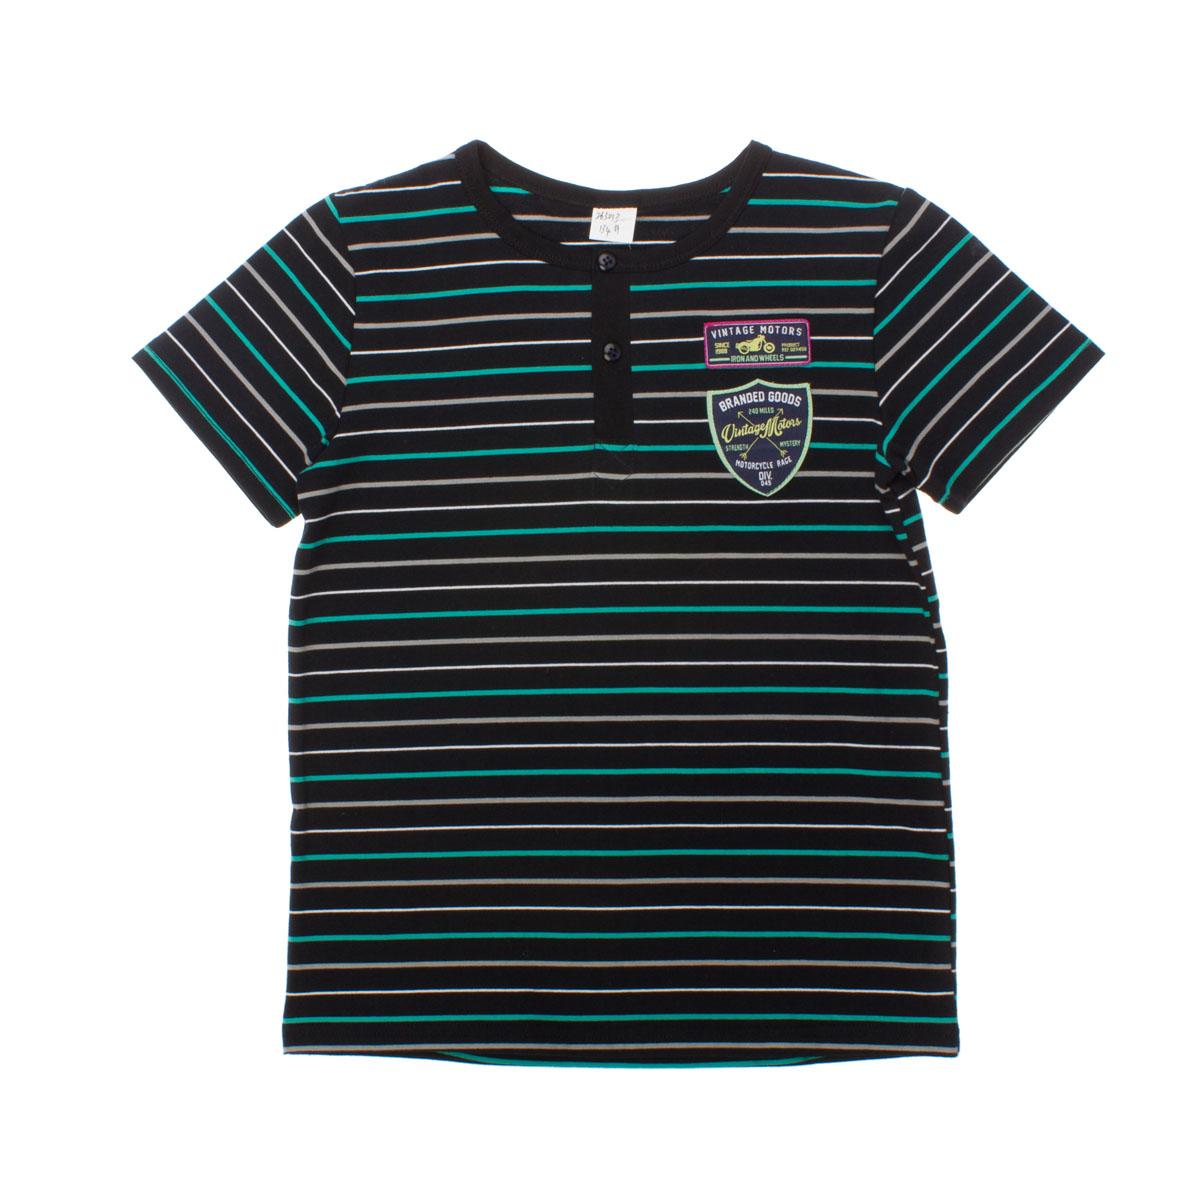 Футболка для мальчиков. 263013263013Стильная темно-синяя футболка с яркими полосками. Застежка-поло, воротник на мягкой резинке. Украшена аппликациями с мотоциклами.